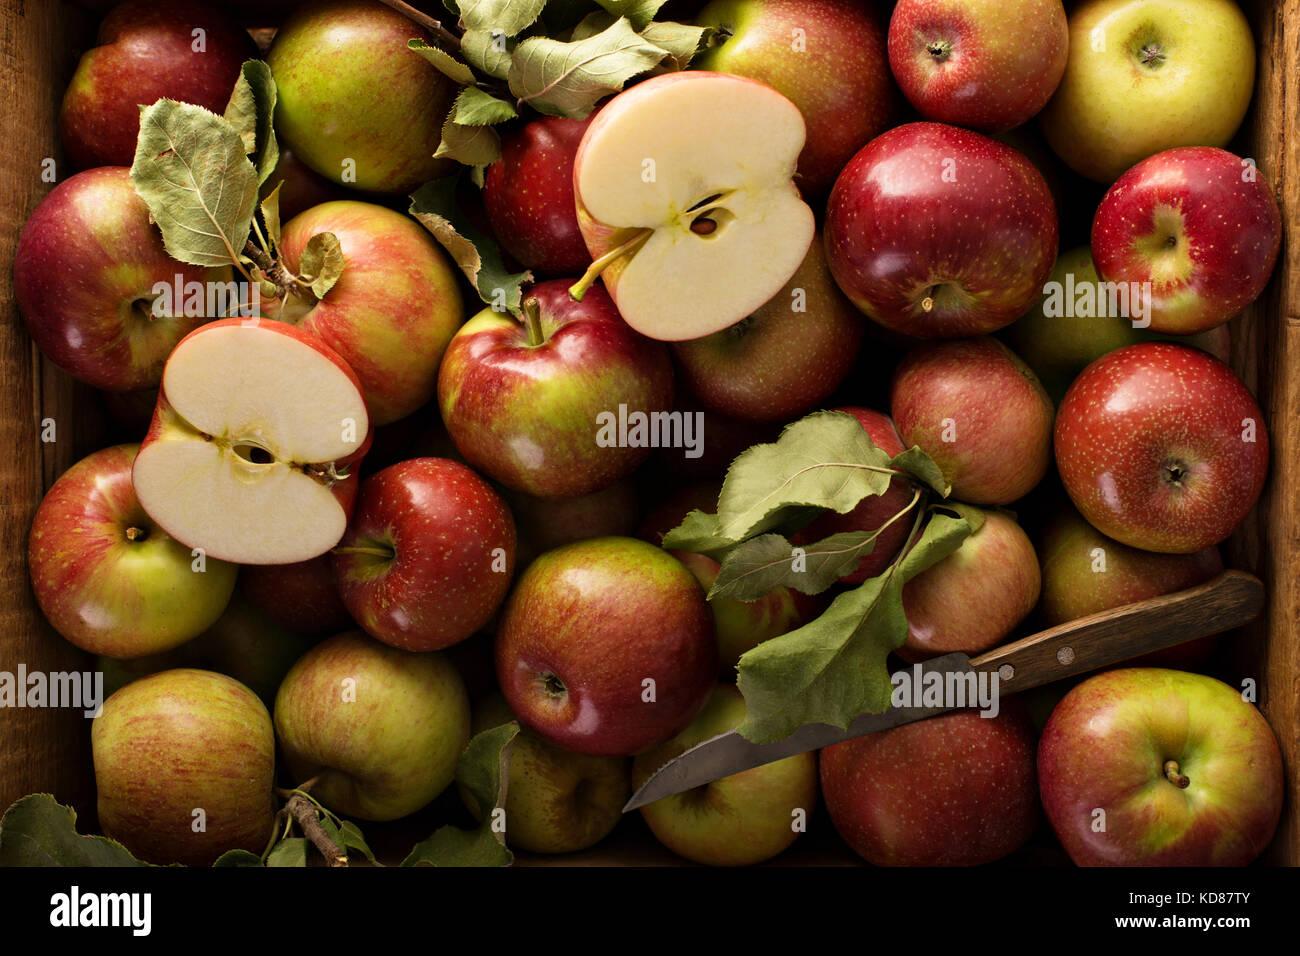 Caisse De Pomme Vide caisse de fruits photos & caisse de fruits images - alamy